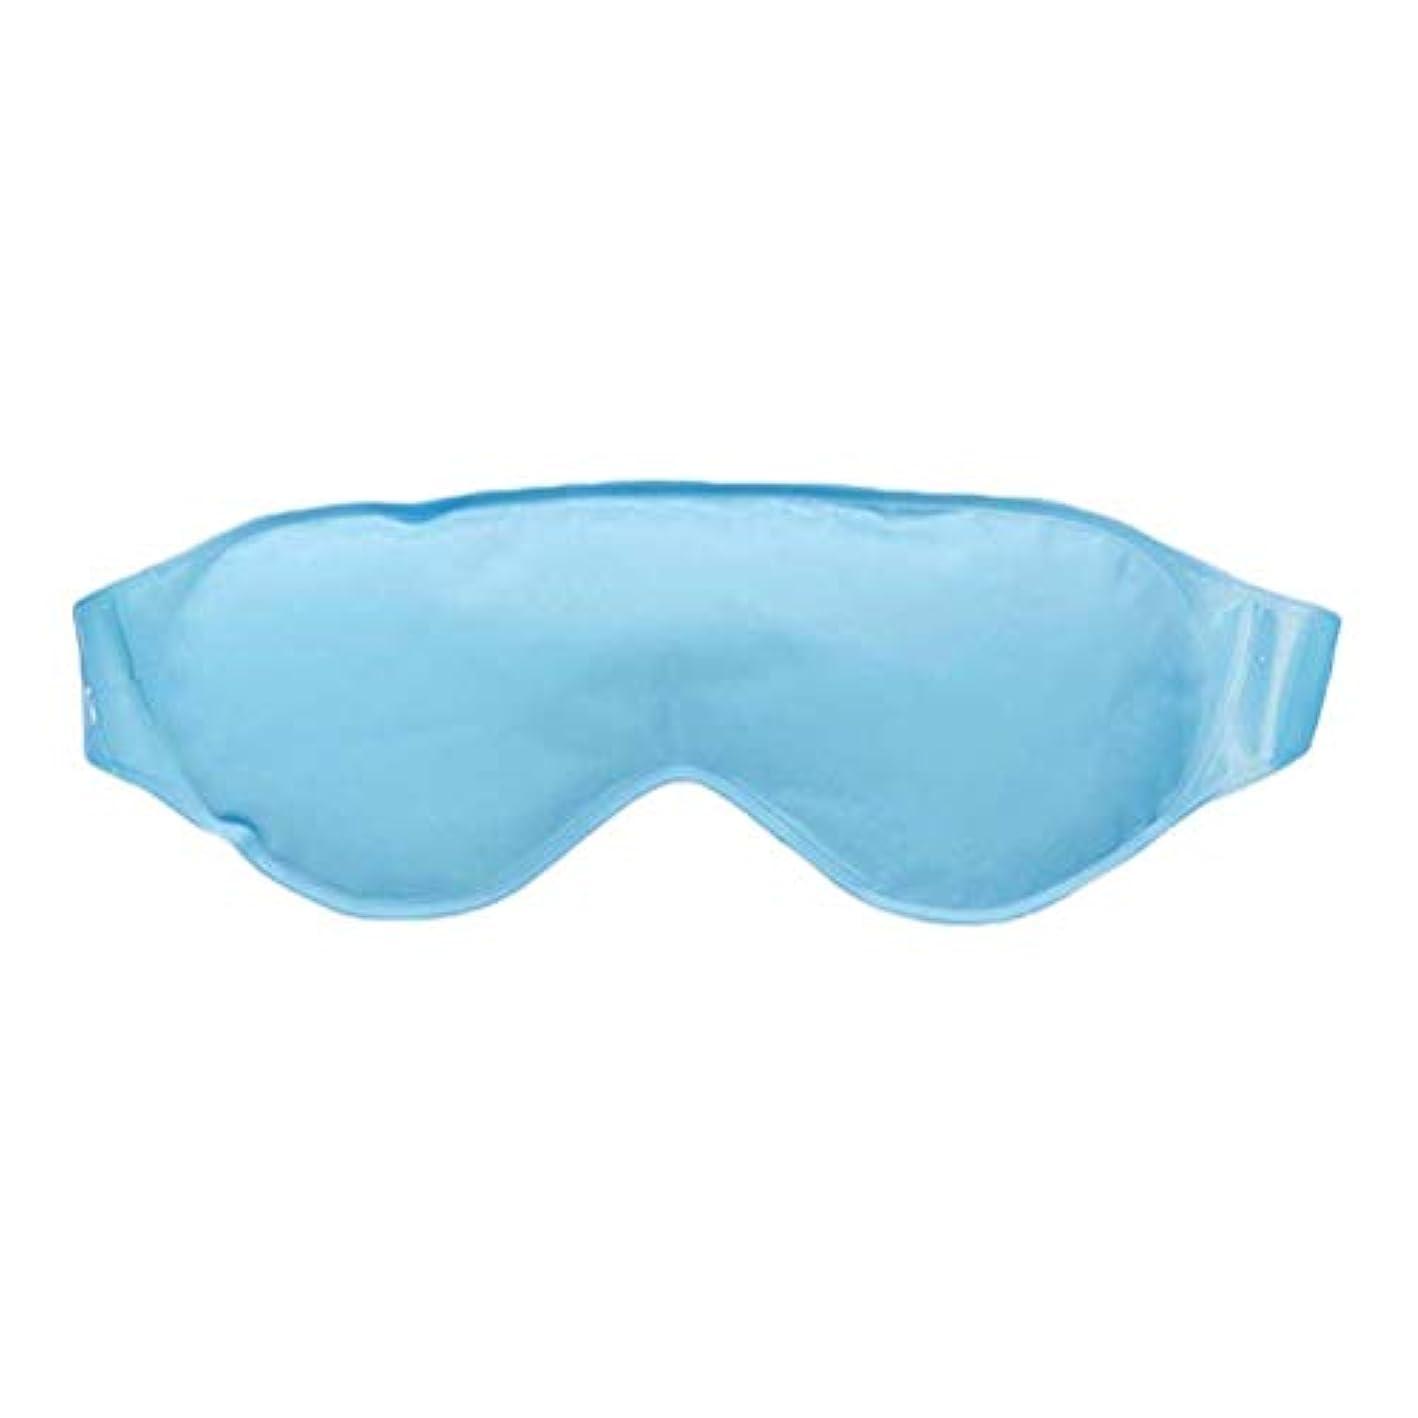 四半期とらえどころのないうれしいHealifty アイスアイマスクパッチ夏目隠し冷却リラックスブラインドアイリラックスセラピーマスク